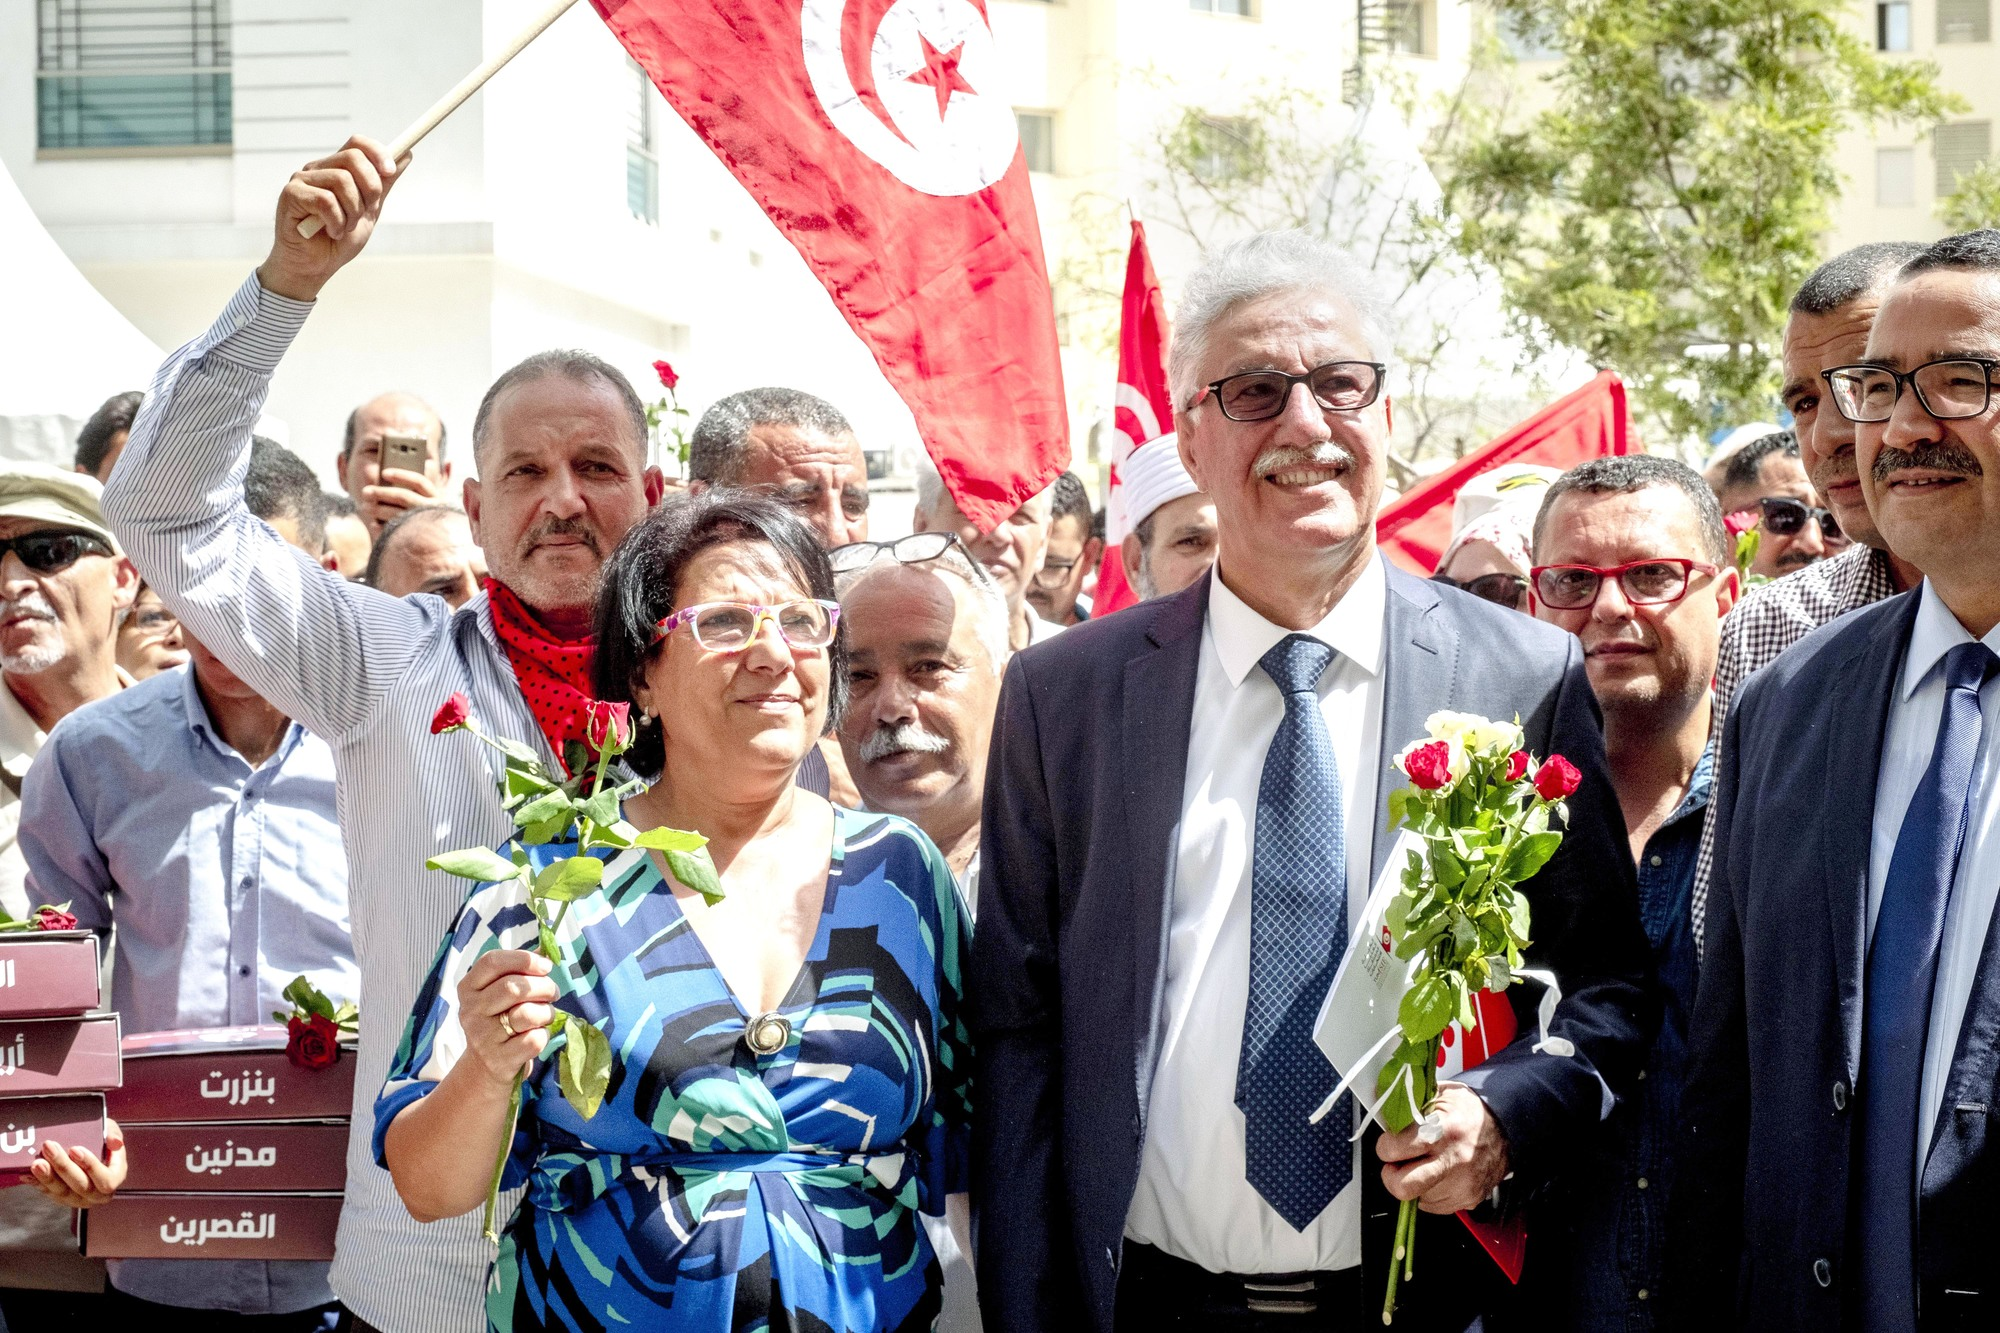 7 aout 2019 : dépot de candidature pour les élections présidentielles de Hamma Hammami